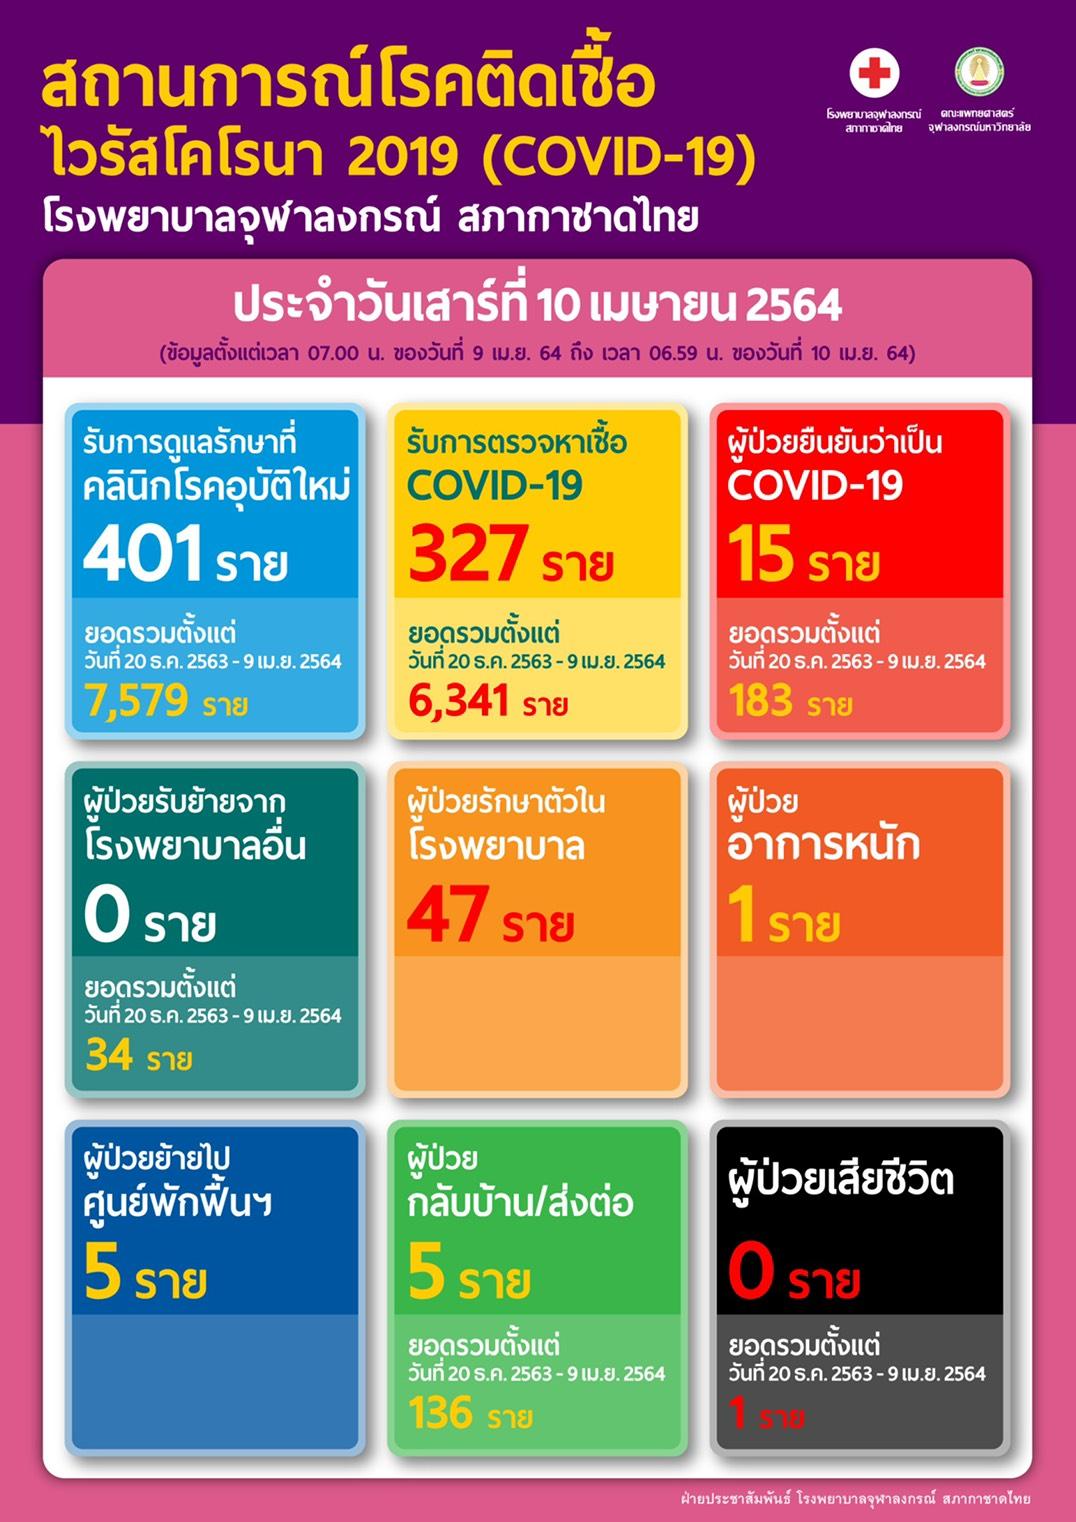 สถานการณ์โรคติดเชื้อไวรัสโคโรนา 2019 (COVID-19) โรงพยาบาลจุฬาลงกรณ์ สภากาชาดไทย ประจำวันเสาร์ที่ 10 เมษายน 2564